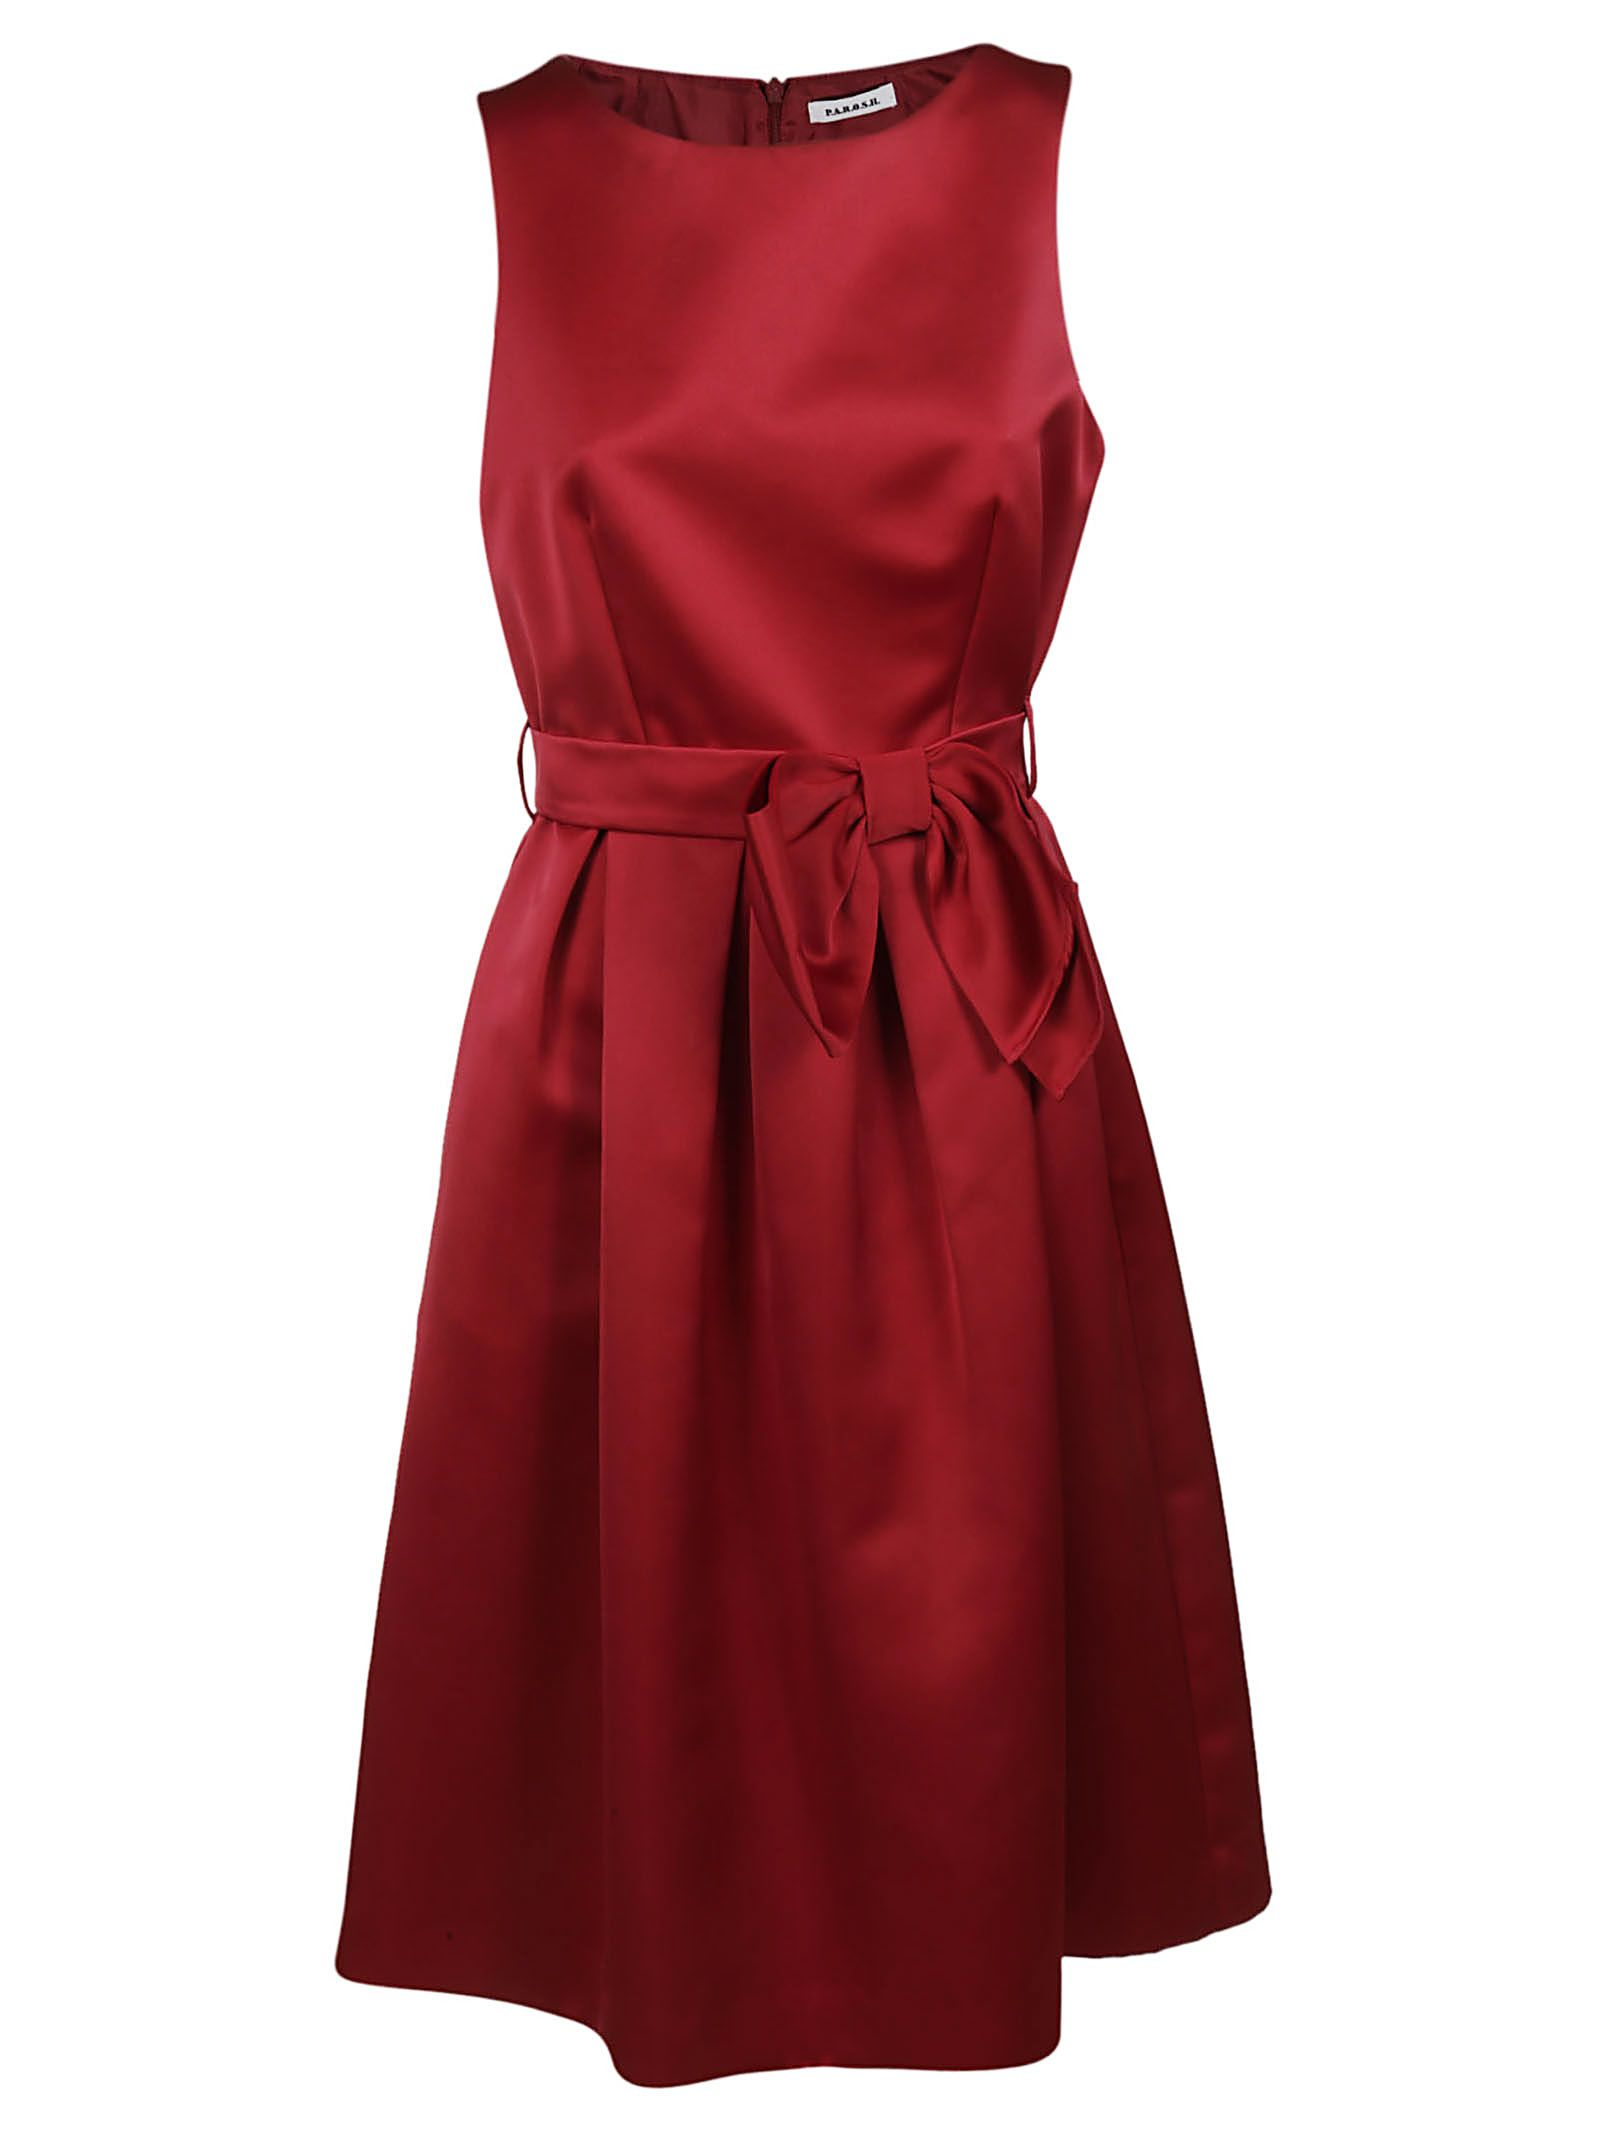 Parosh Bow Detail Dress